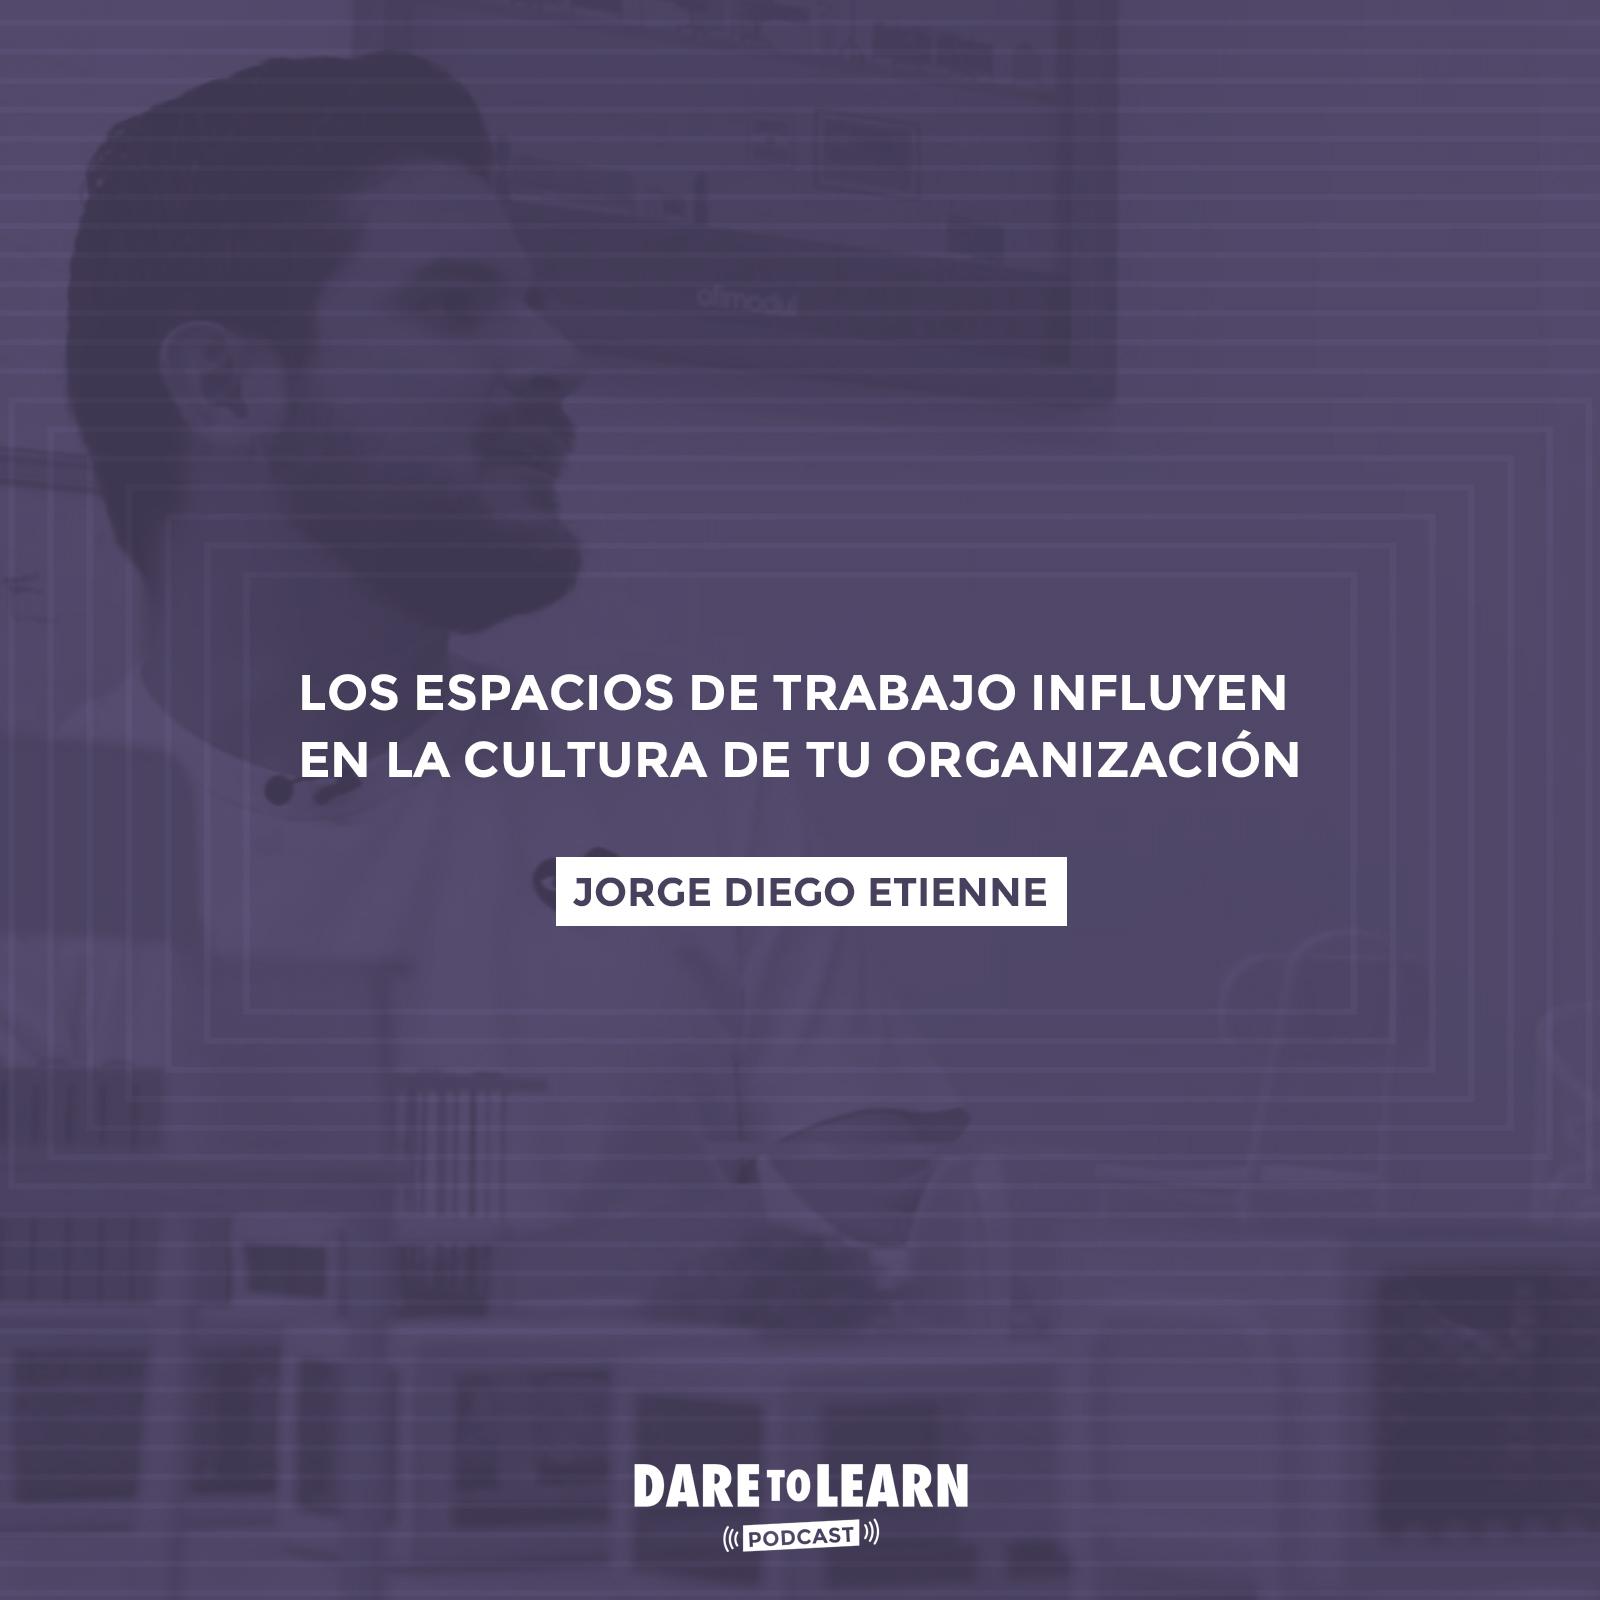 Jorge Diego Etienne: Los espacios de trabajo influyen en la Cultura de tu Organización